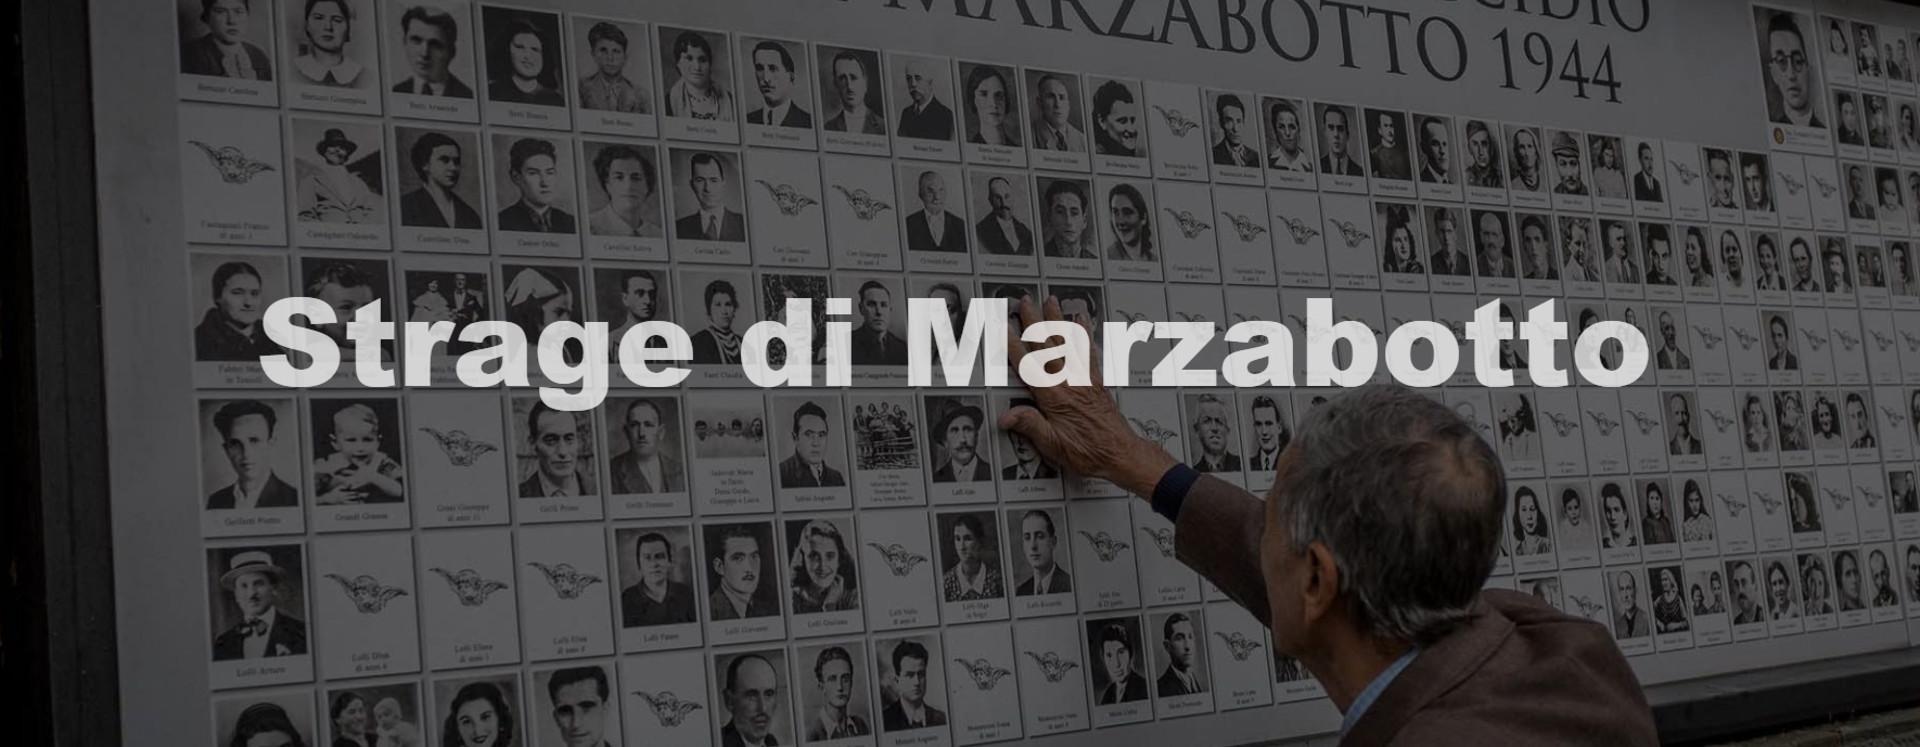 Immagine tratta dal sito del Comitato regionale per le Onoranze ai Caduti di Marzabotto